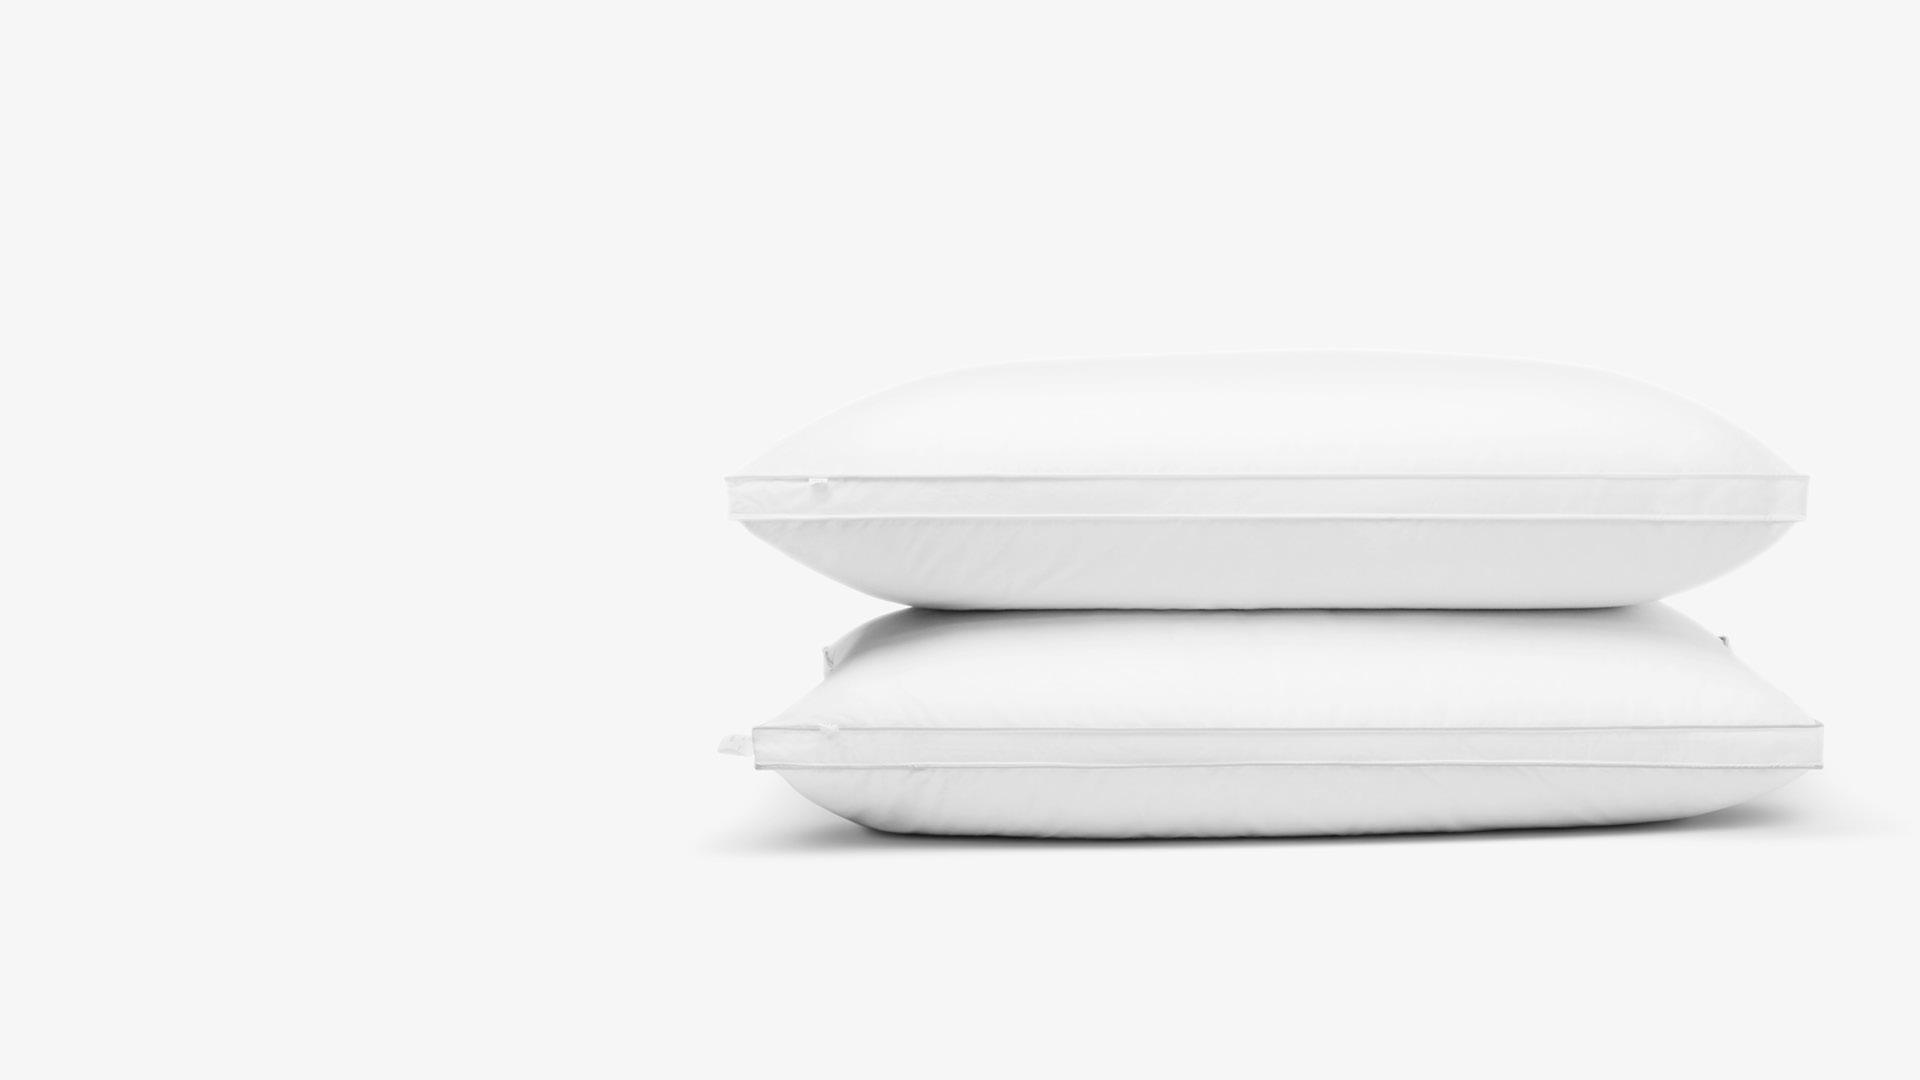 软硬2款自由选<br/>舒适与支撑完美平衡